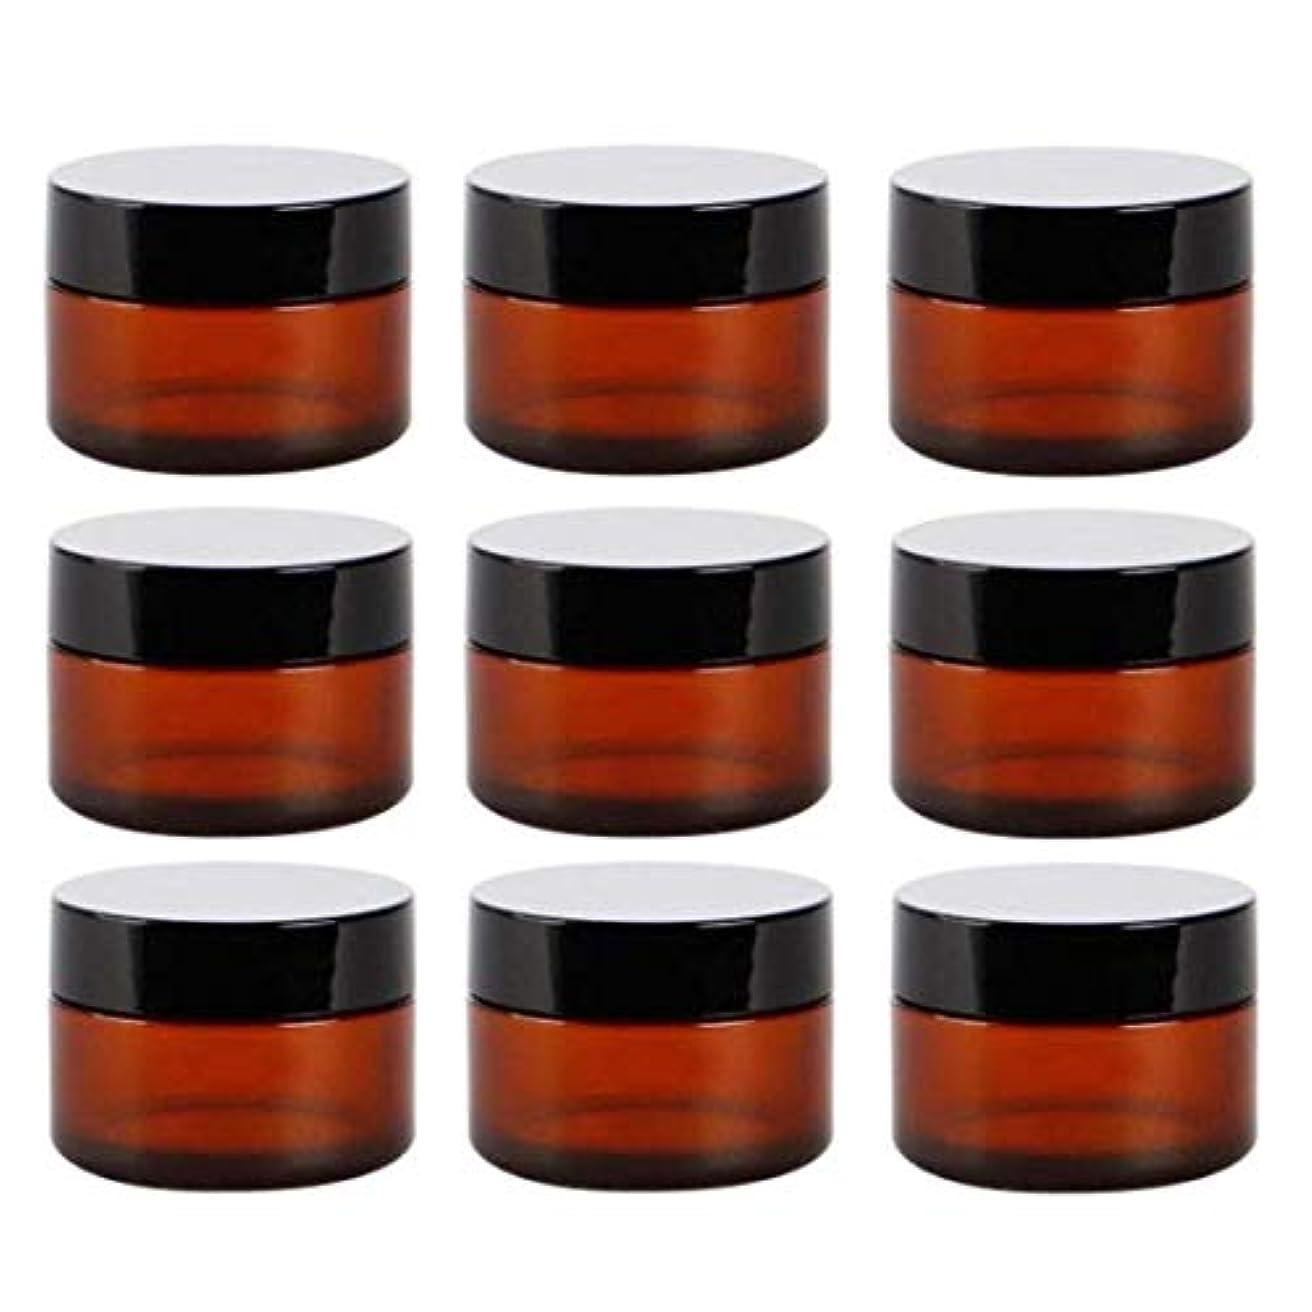 から滝ゆるくアロマオイル 精油 香水やアロマの保存 小分け用 遮光瓶 詰替え ガラス製 9本セット茶色10g